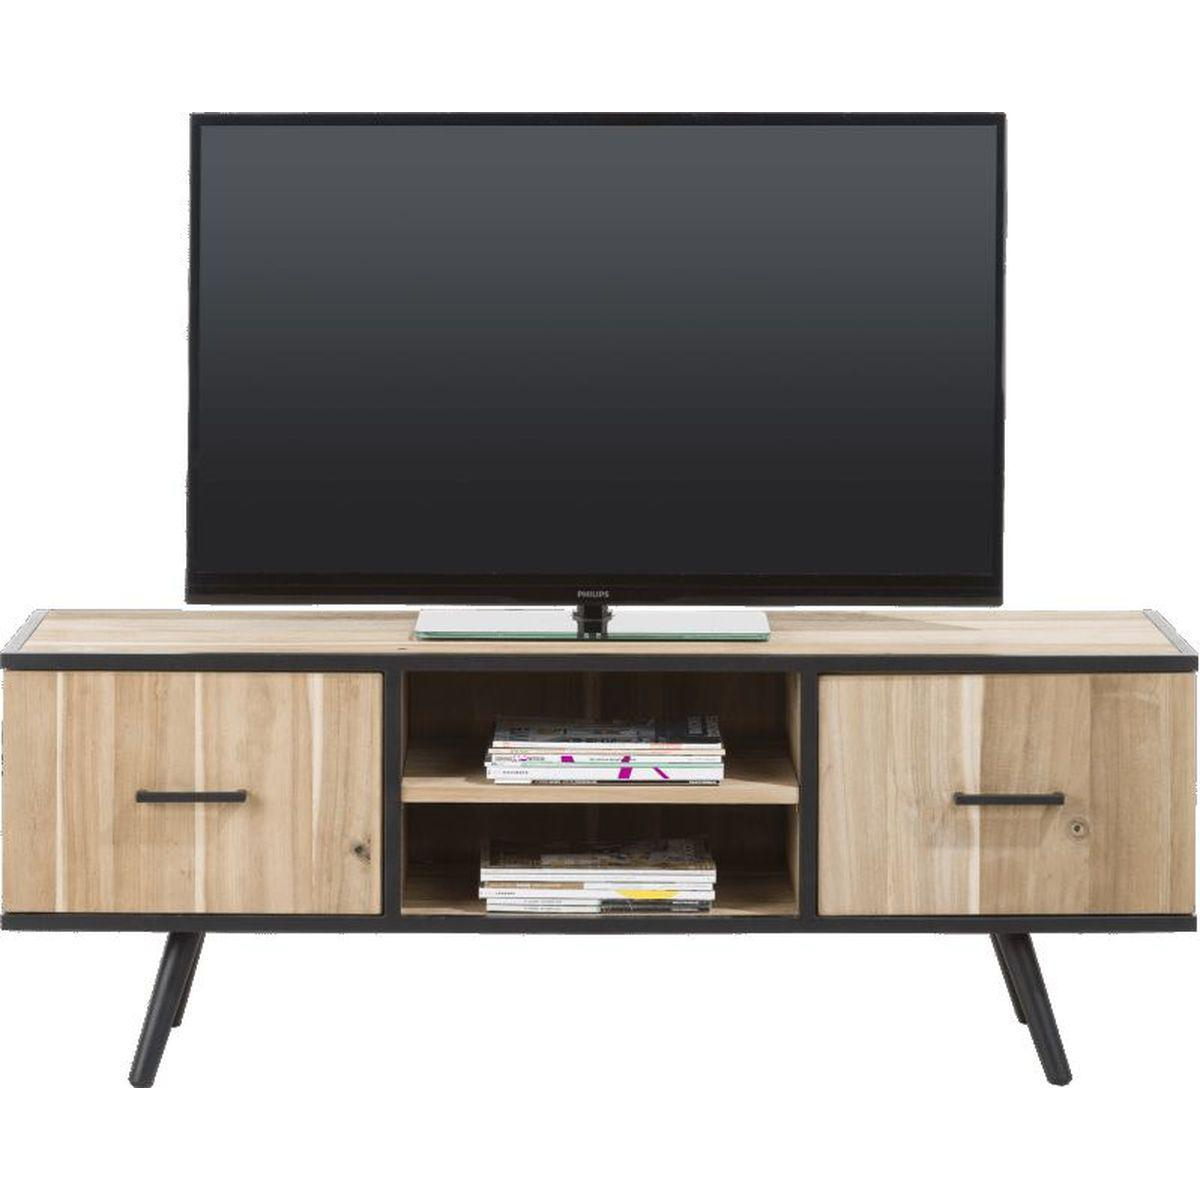 Meuble TV KINNA Xooon 150cm